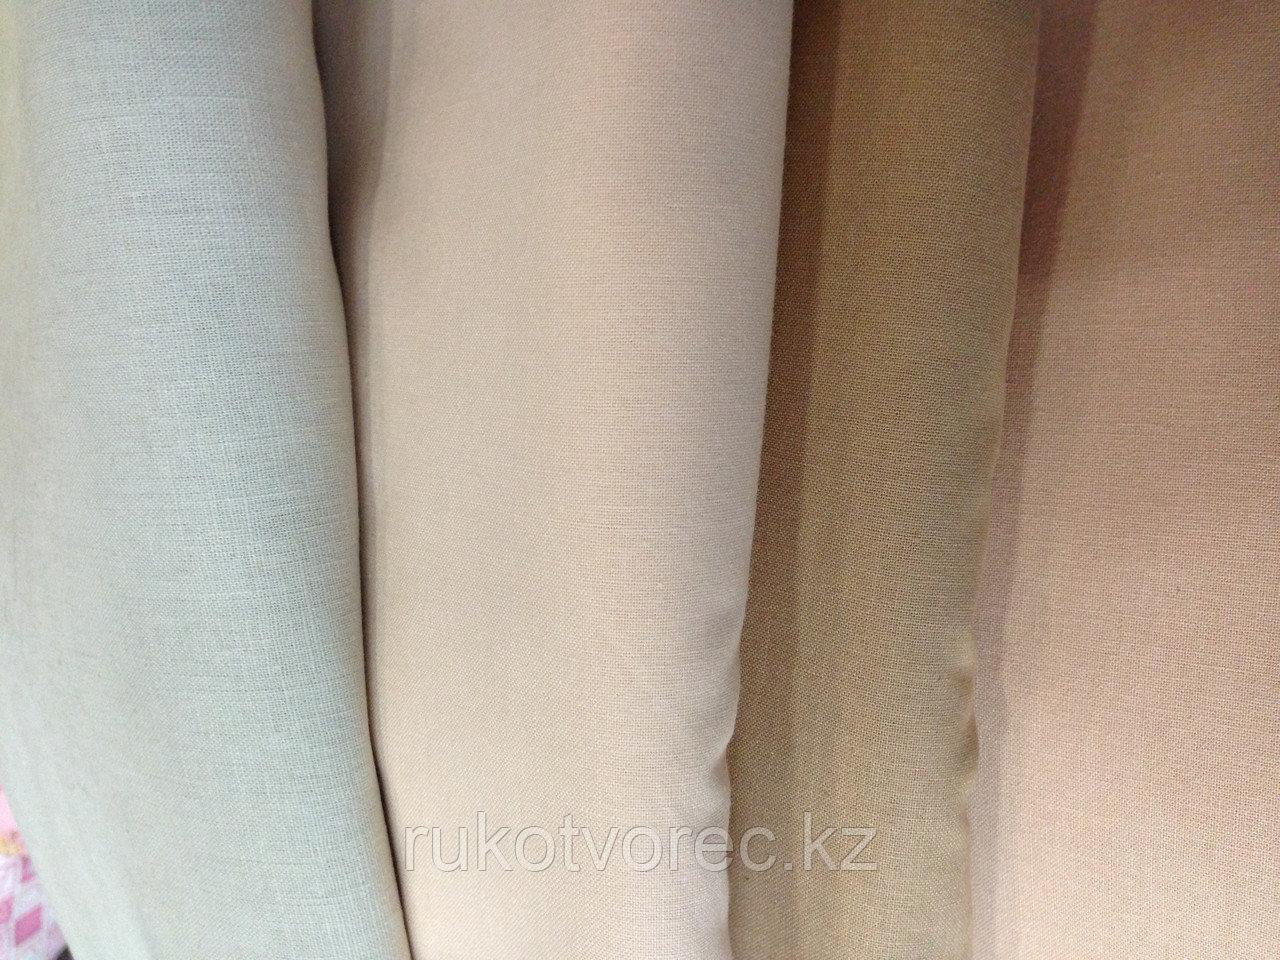 Ткань-основа для тильды